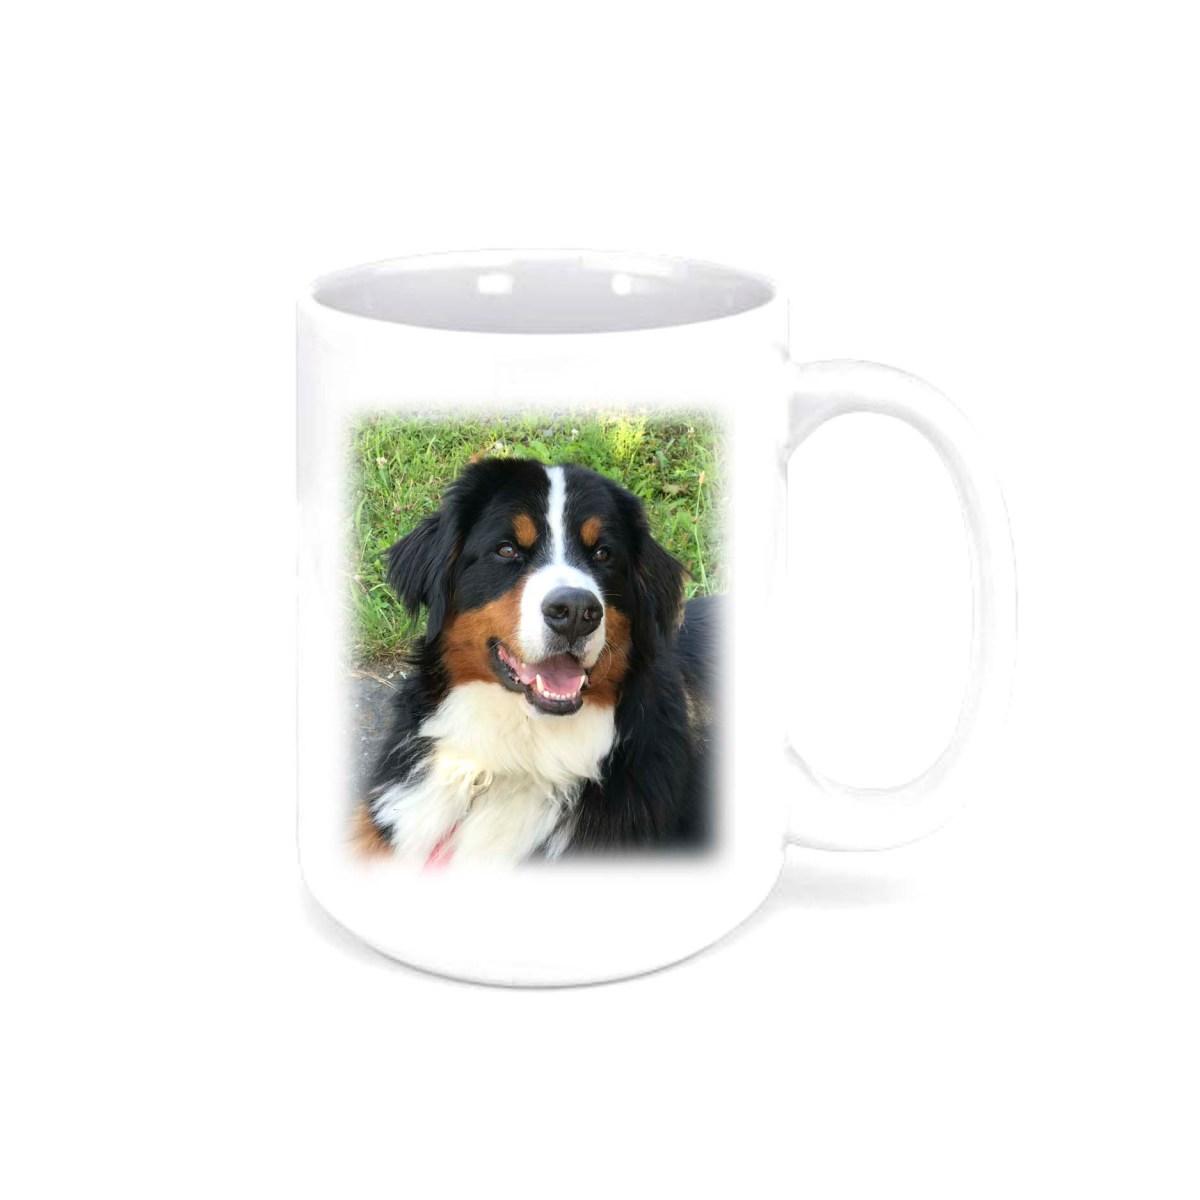 mug with image